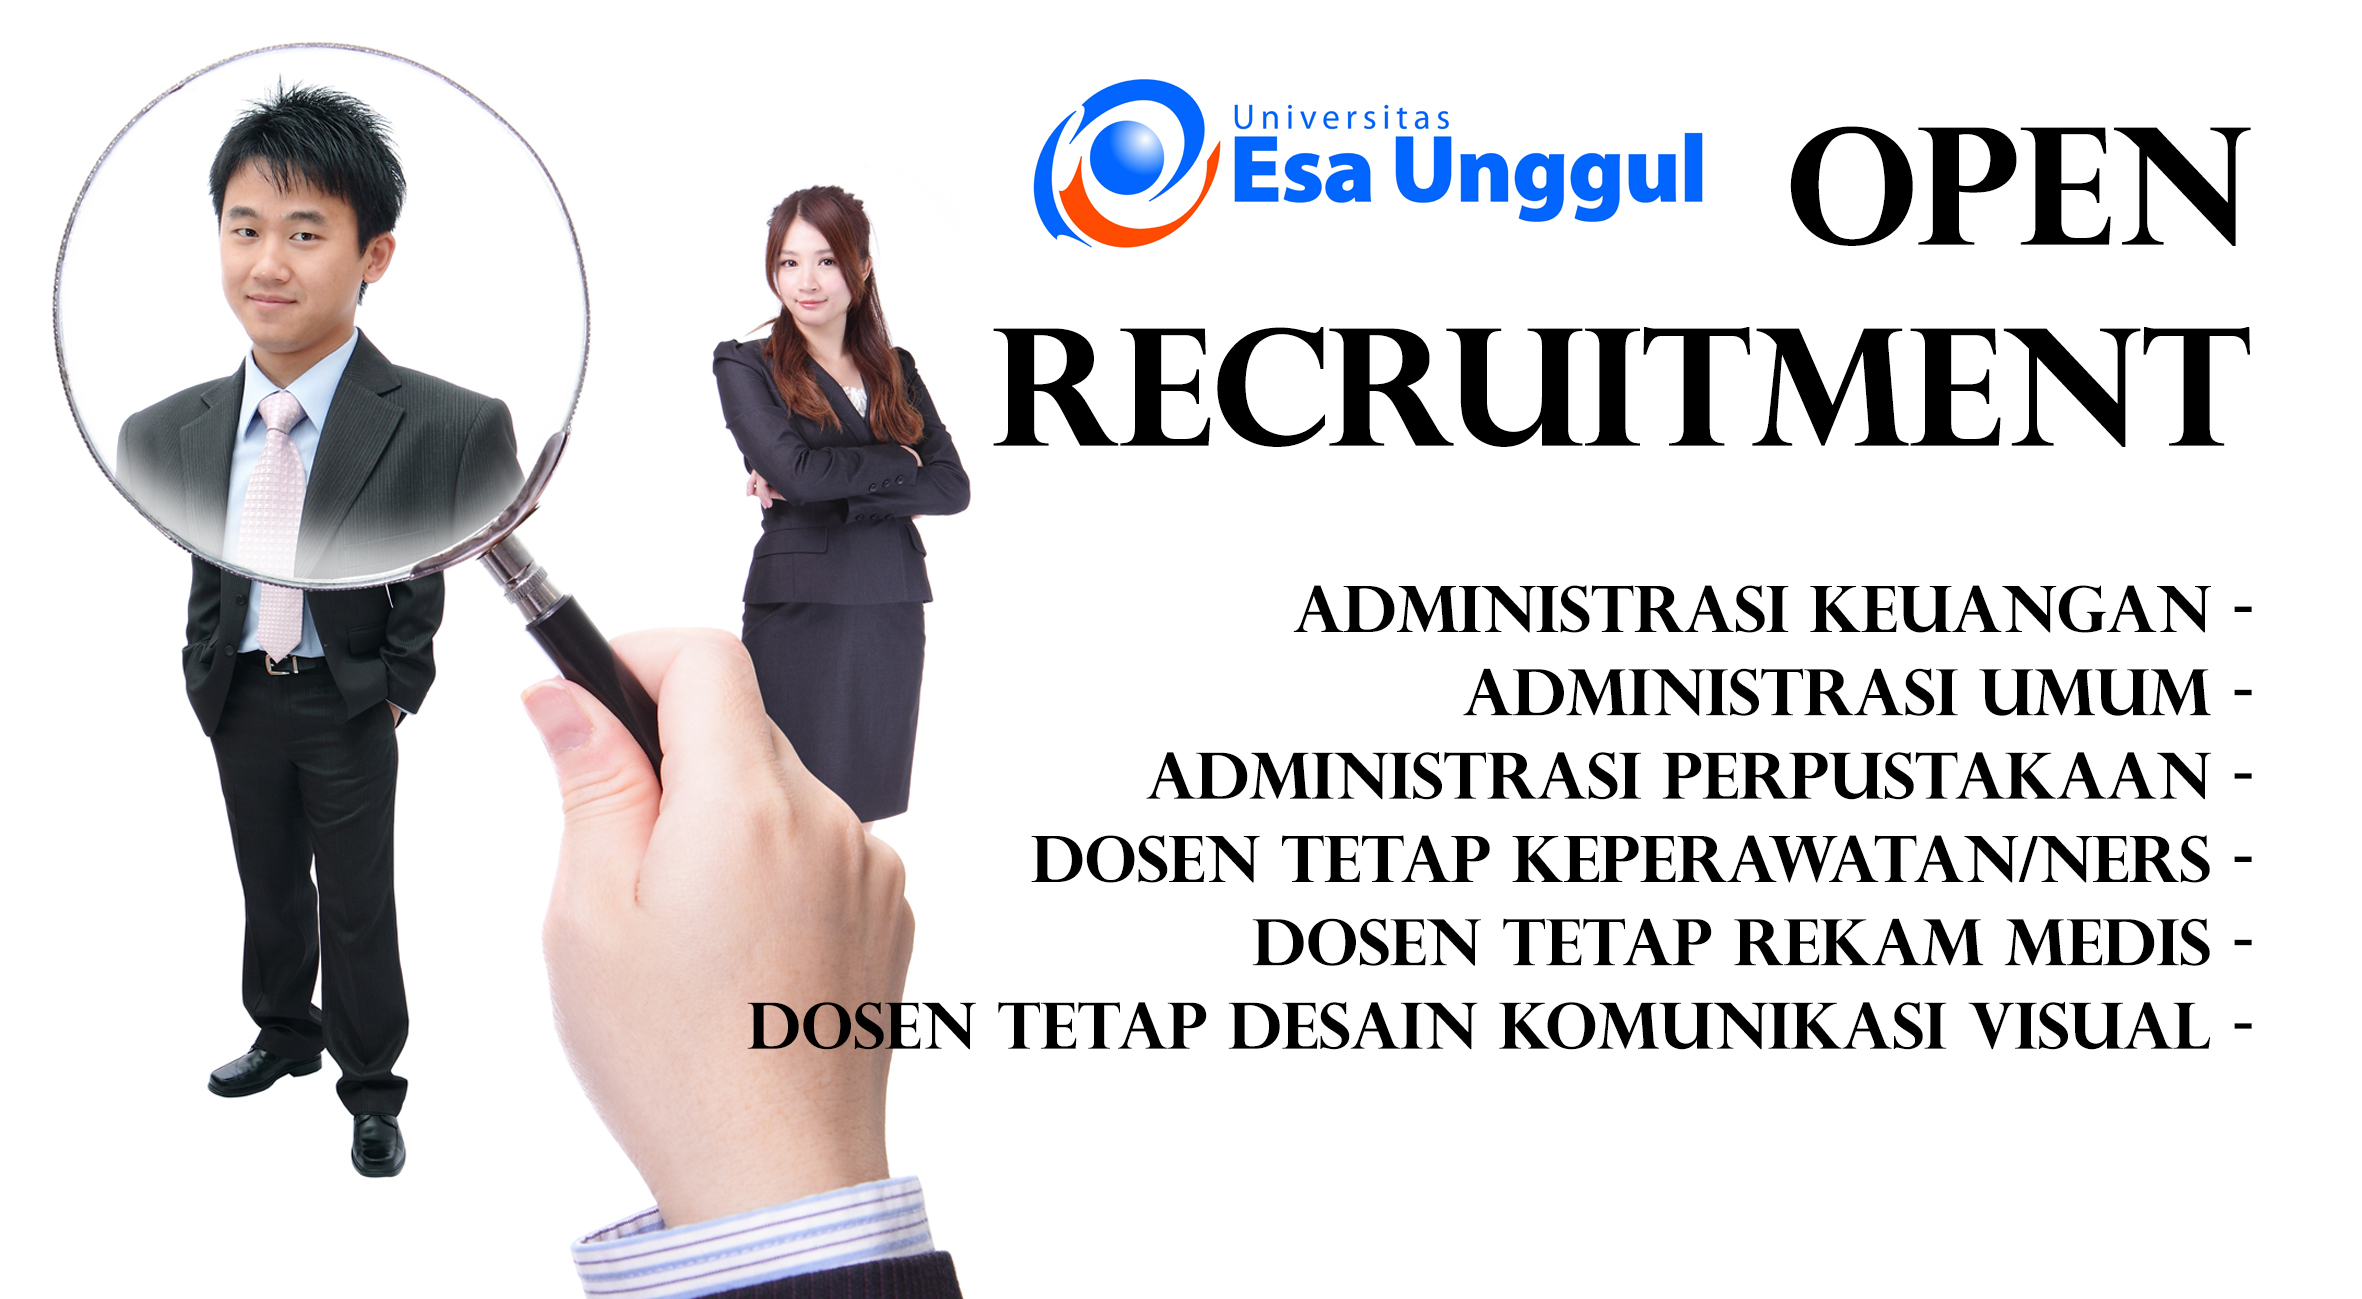 Universitas Esa Unggul Open Recruitment